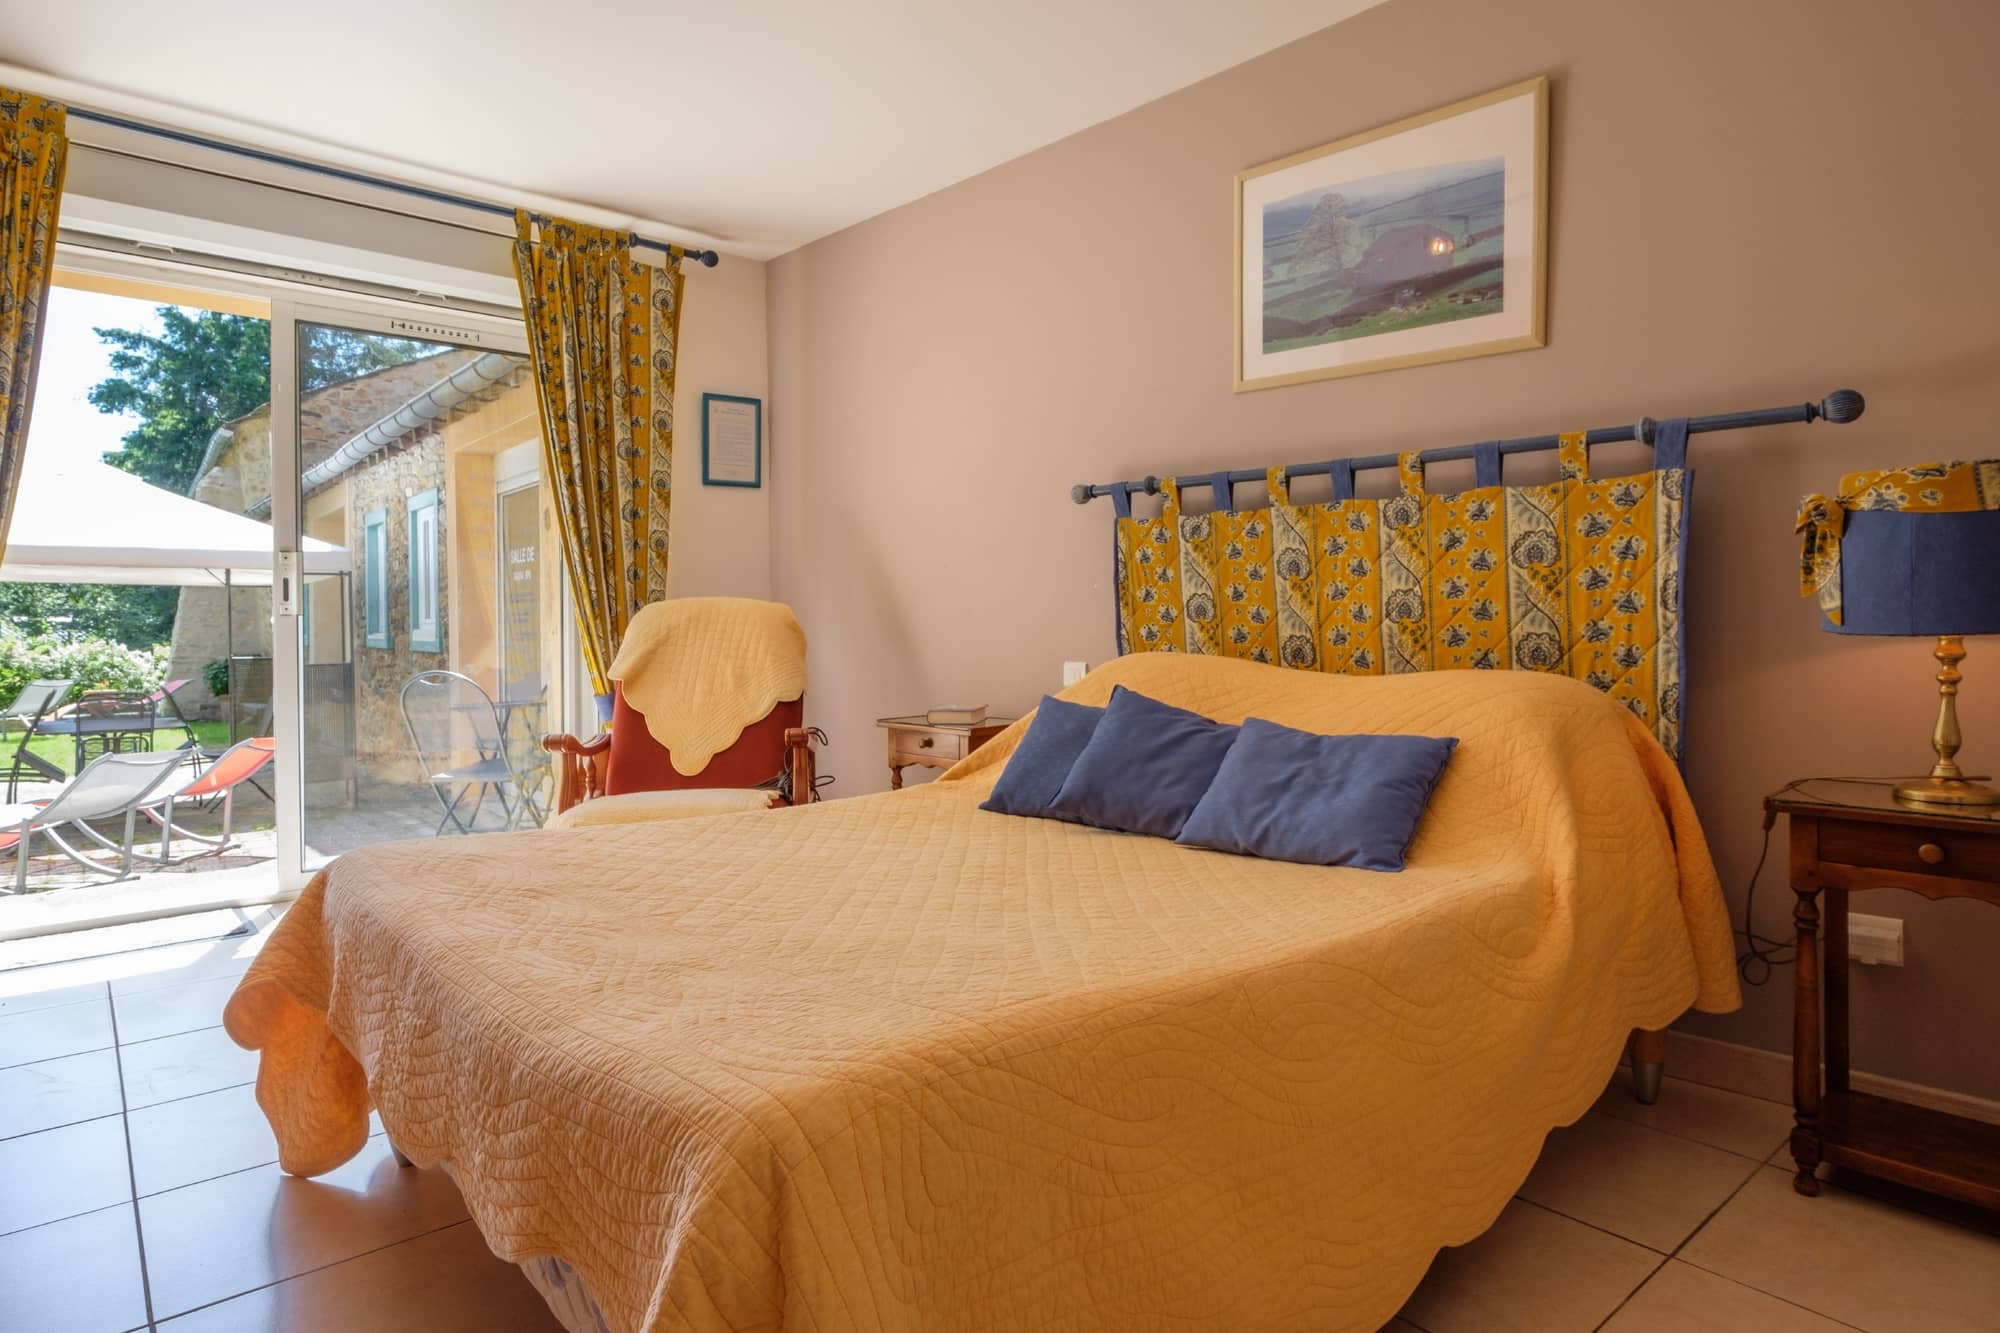 chambre d\'hote pres de carcassonne avec piscine, La Marjolaine